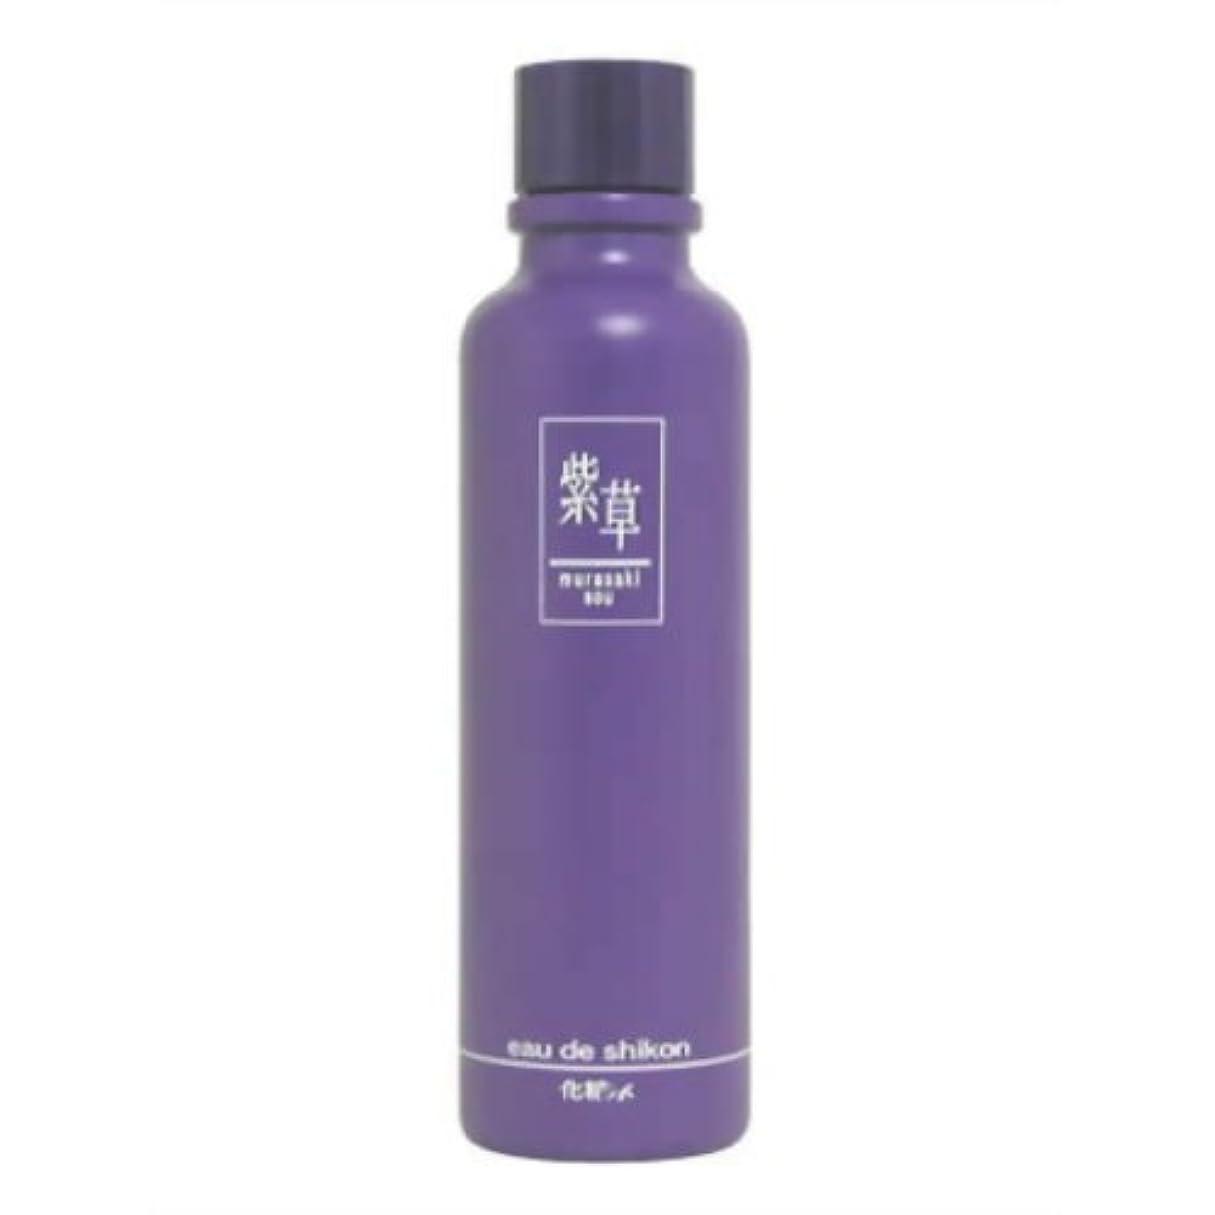 ブリークカリキュラム踊り子紫草 オーデシコン無香料(化粧水)